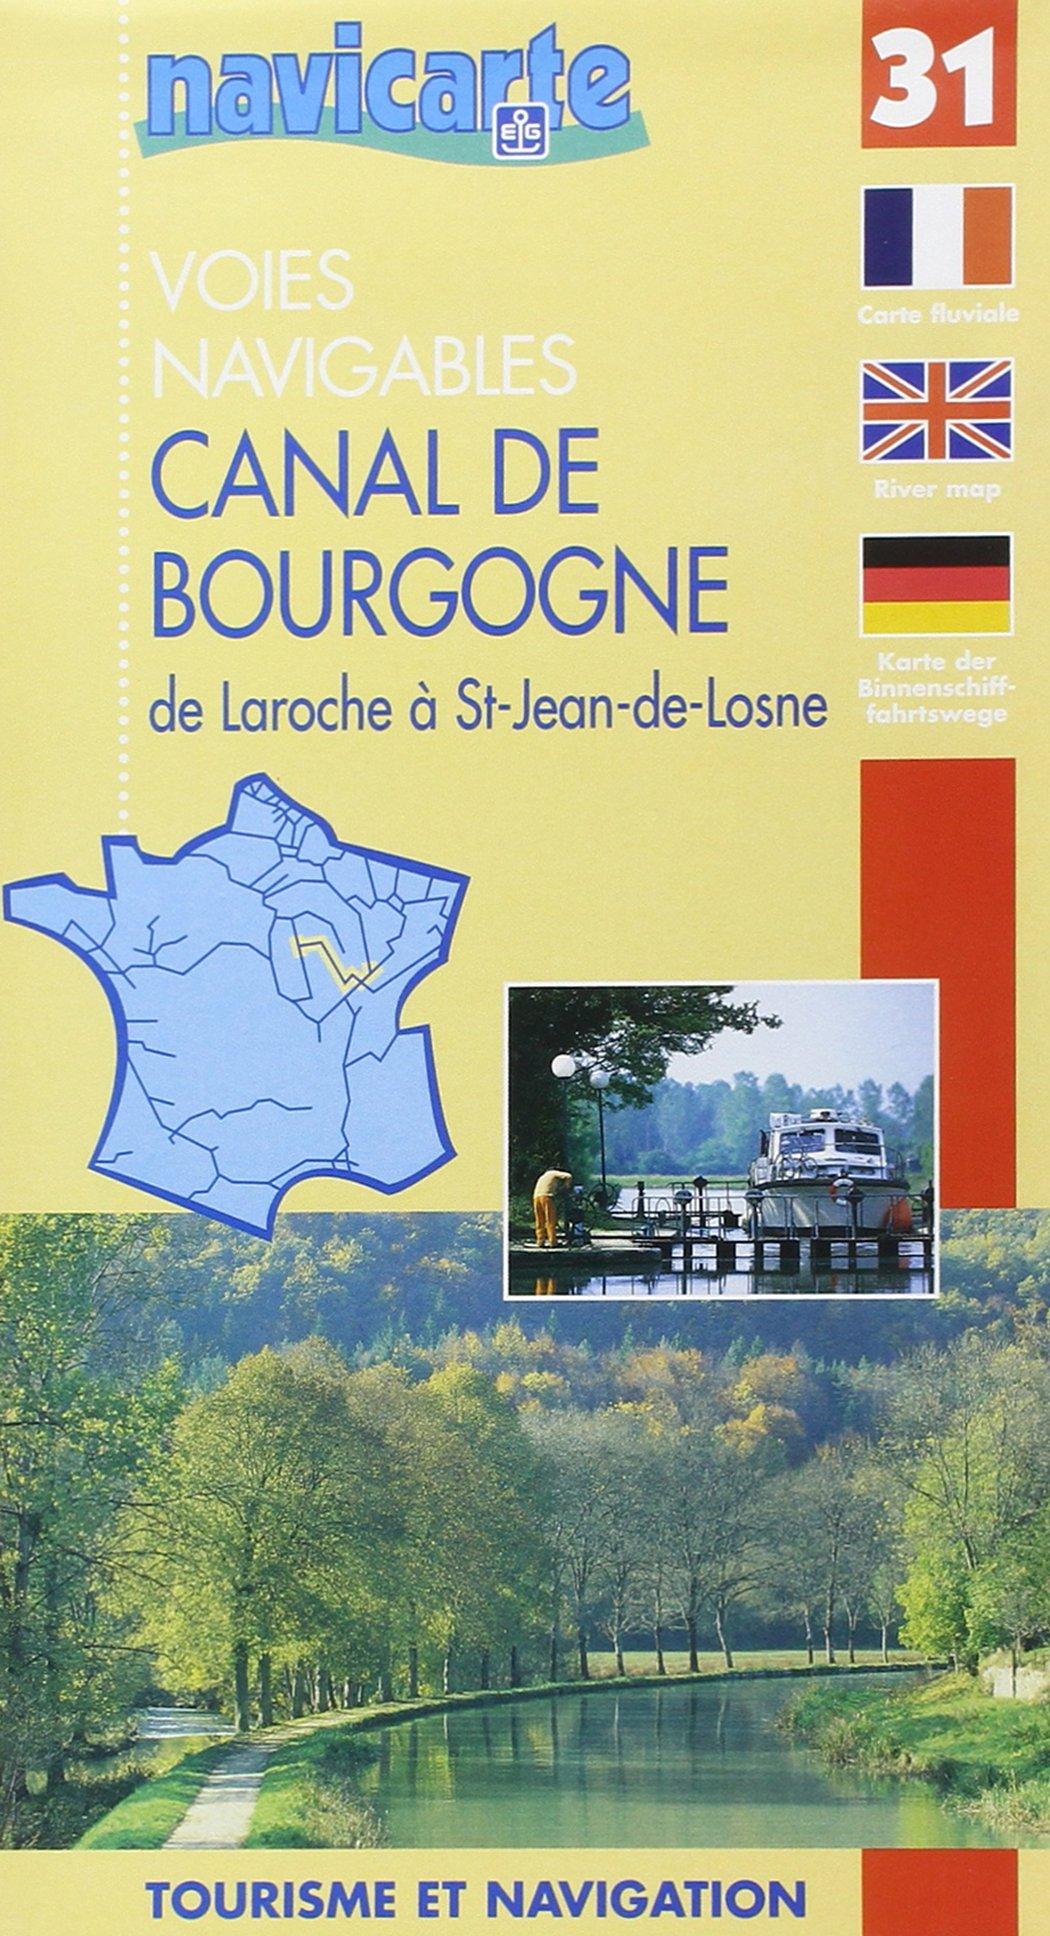 Canal De Bourgogne Carte.Fluviacarte 31 Canal De Bourgogne 3347570100318 Amazon Com Books